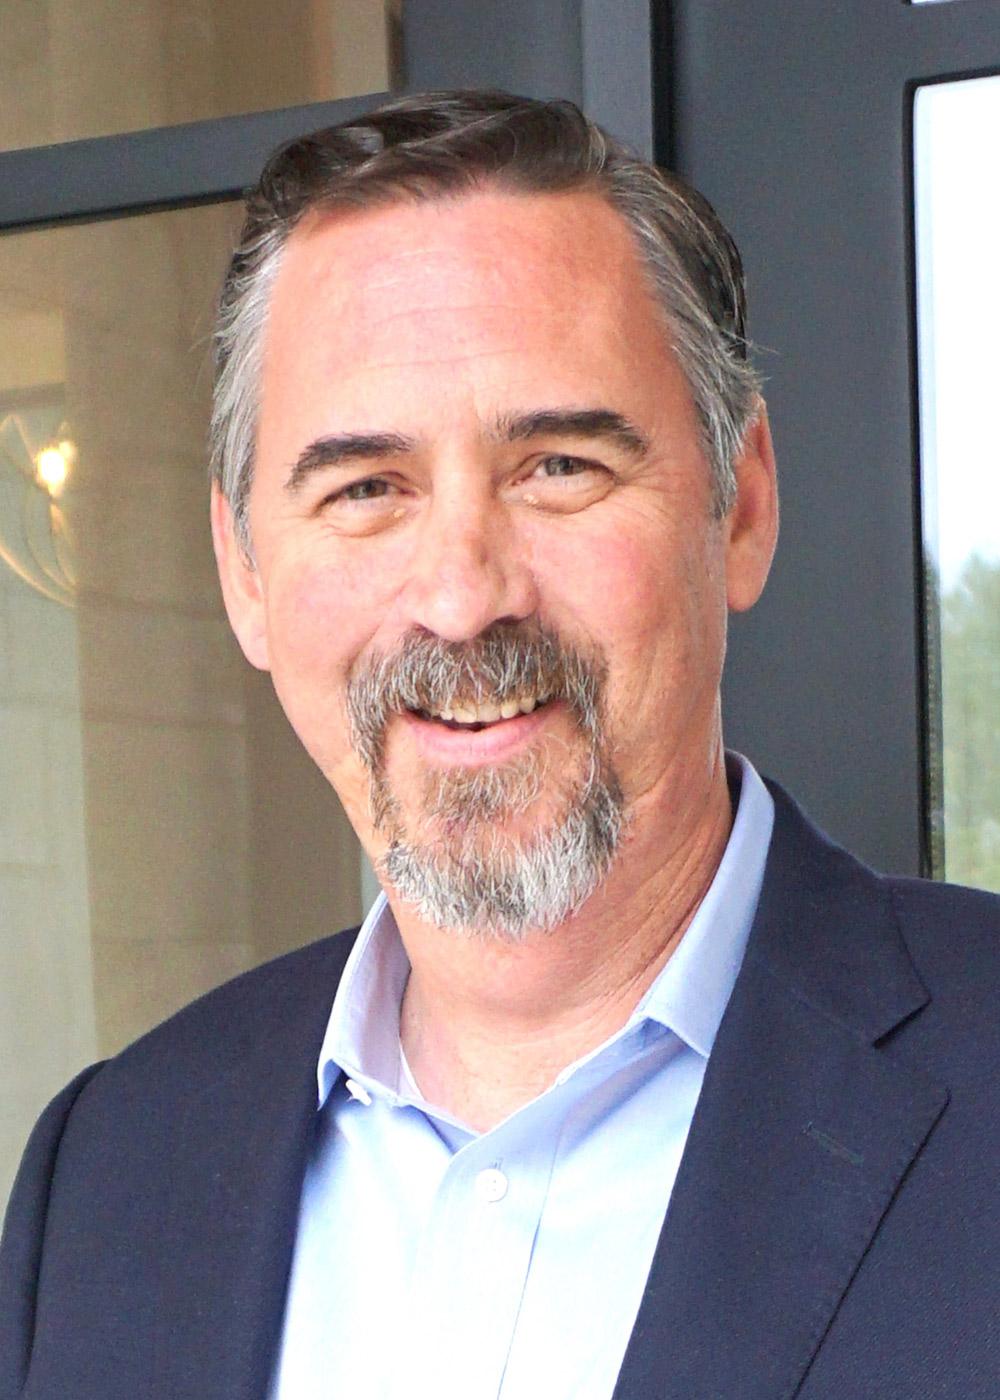 Richard Howell, COO of Stadler Custom Homes